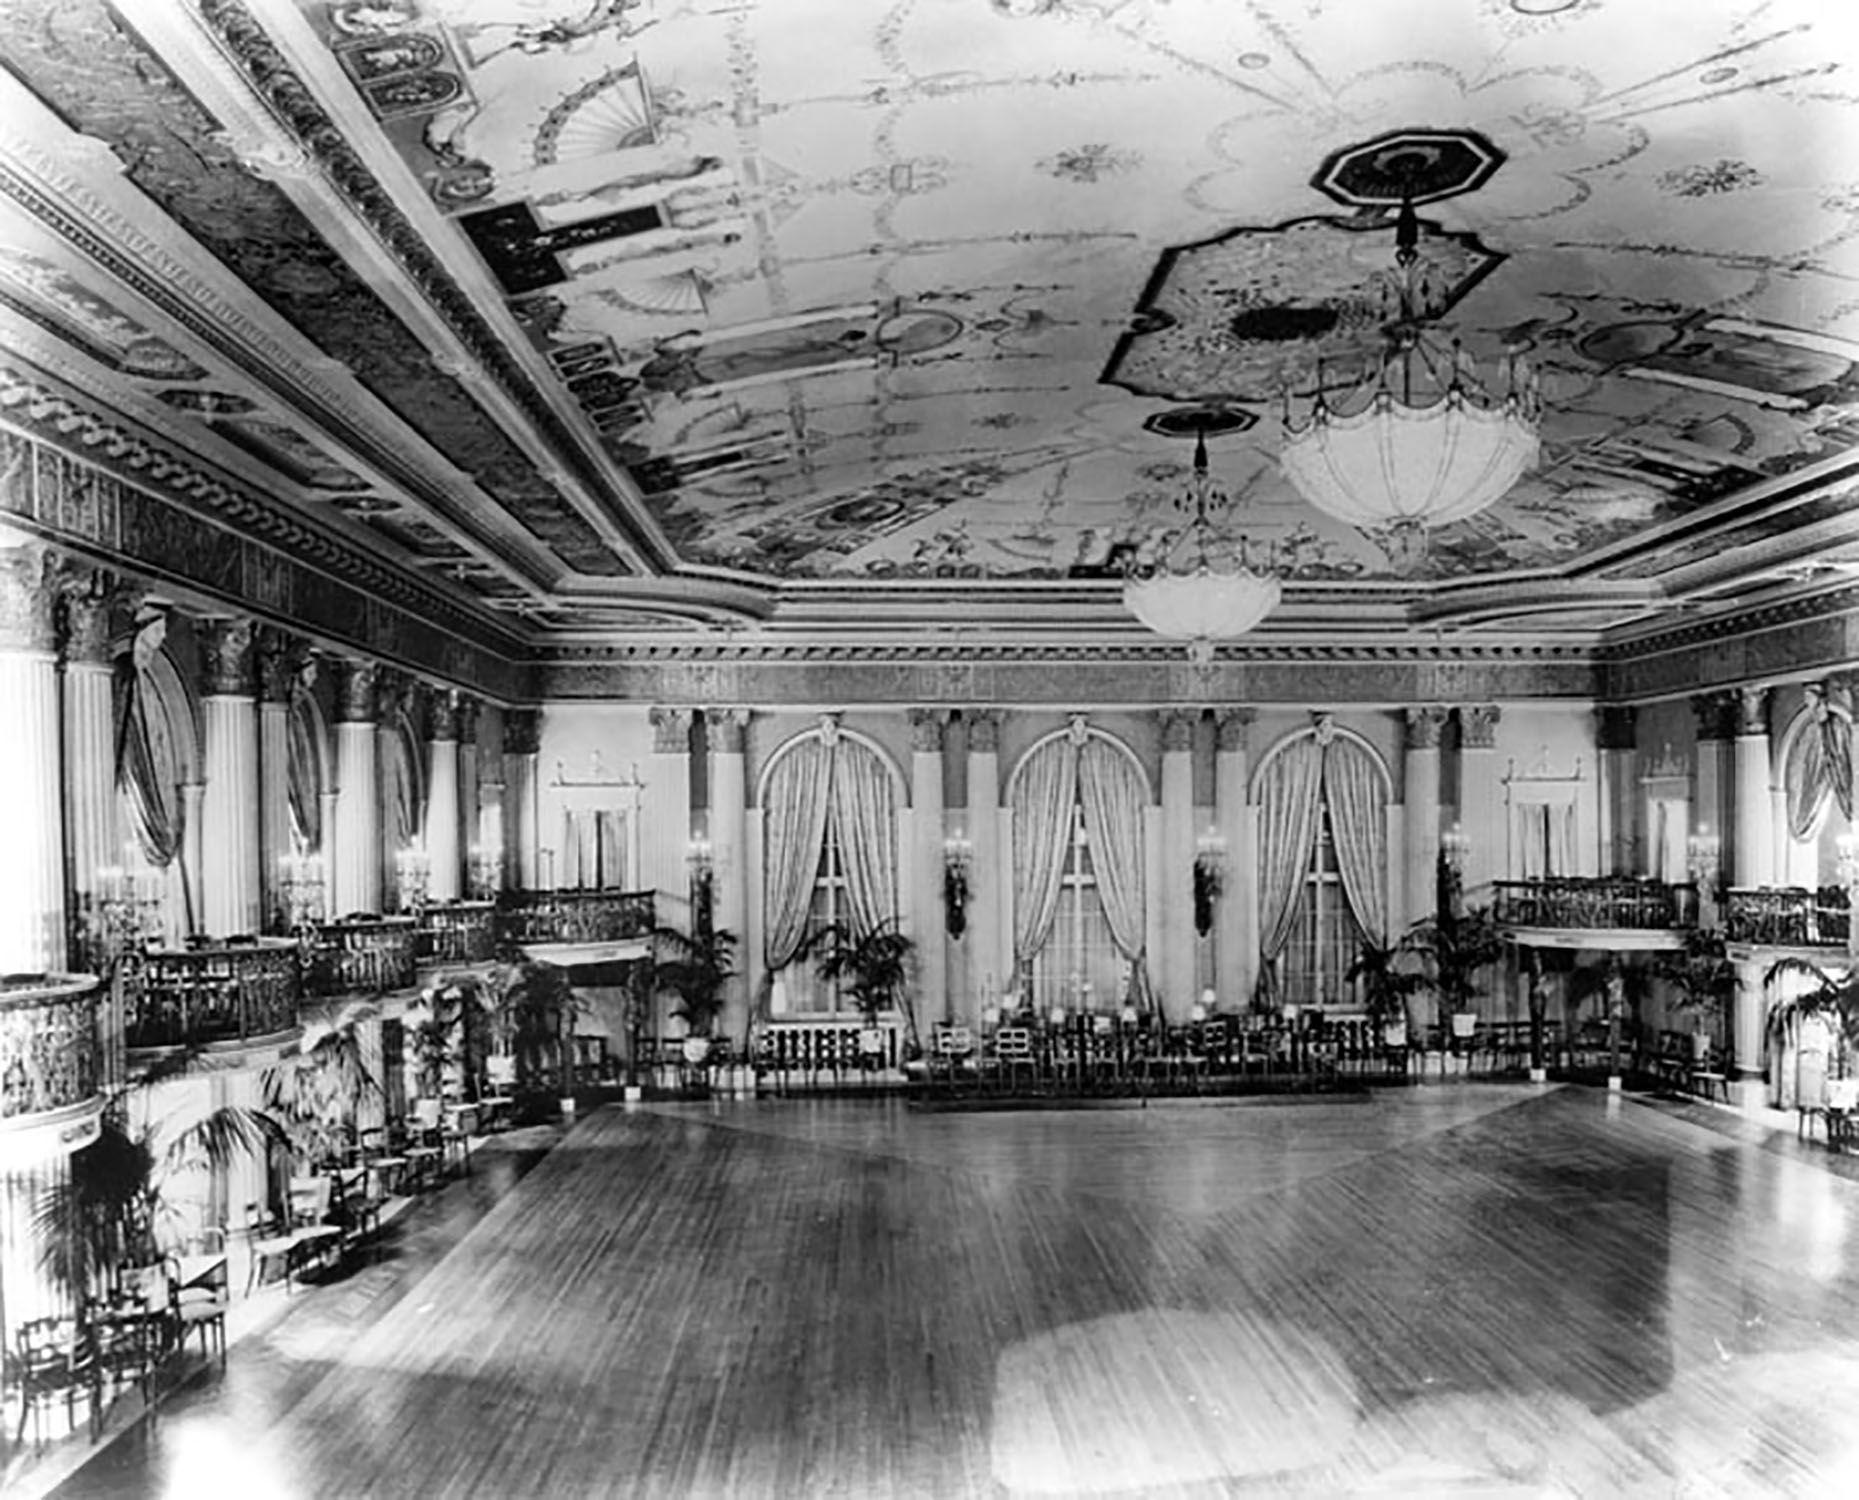 Biltmore Hotel' Ballroom. Los